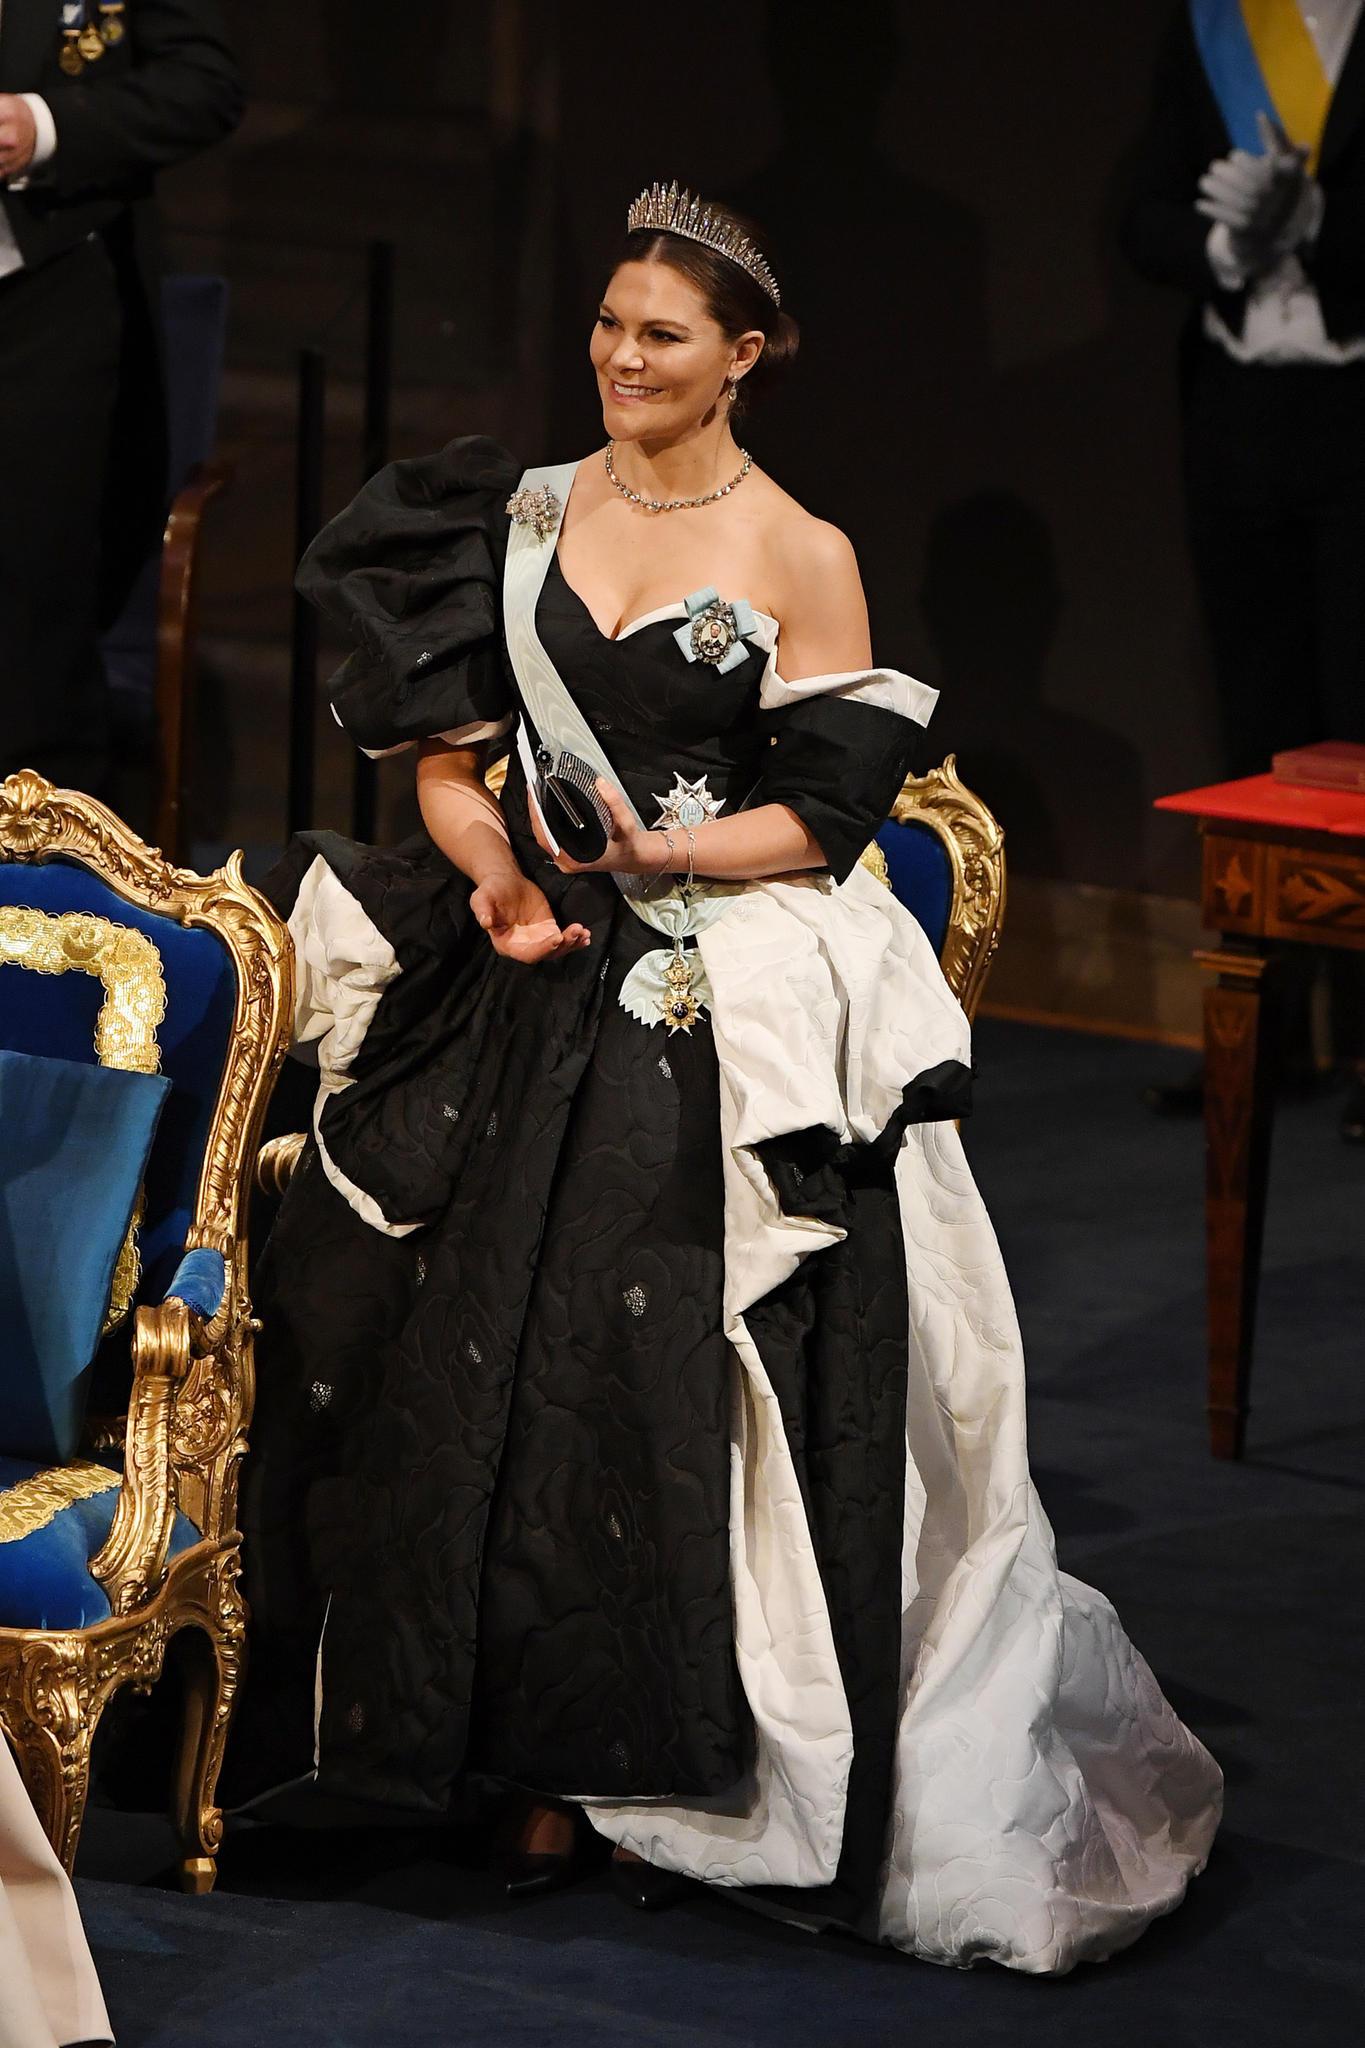 Nobelpreis 2019: Die Schönsten Looks Der Veranstaltung | Gala.de